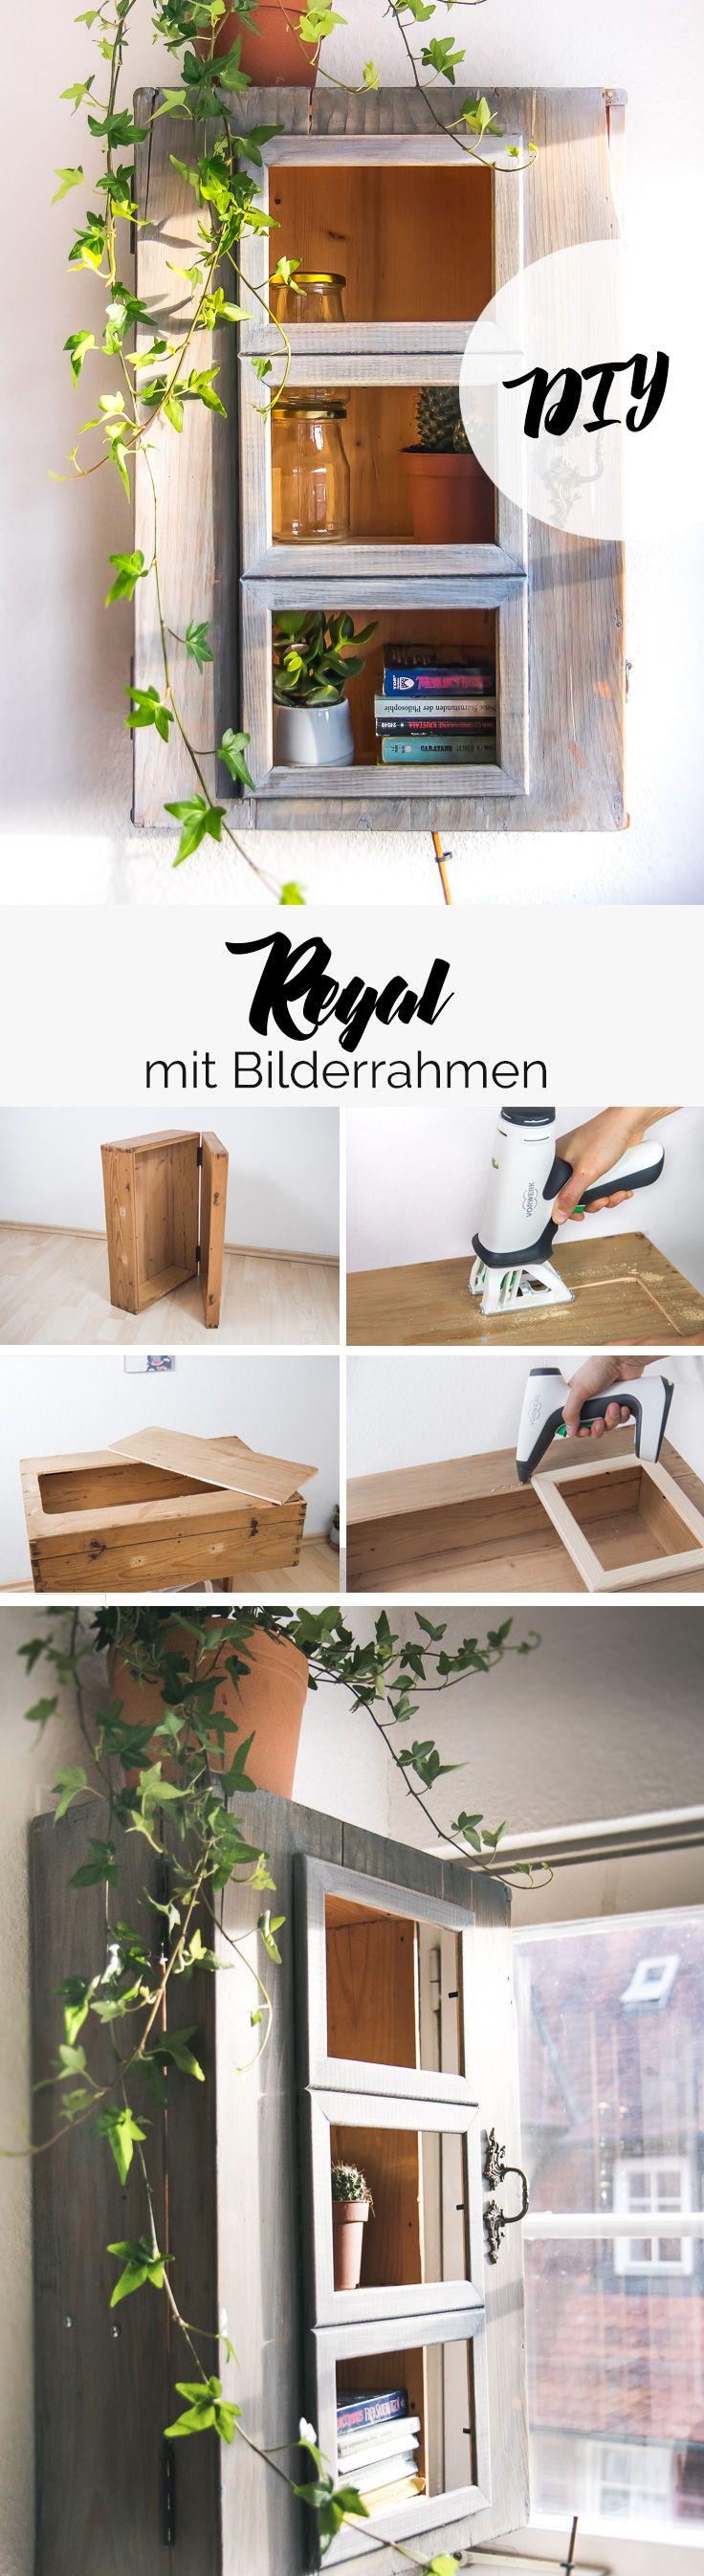 DIY Vitrinenschrank aus Holzmöbel & Ikea Bilderrahmen - einfach DIY ...